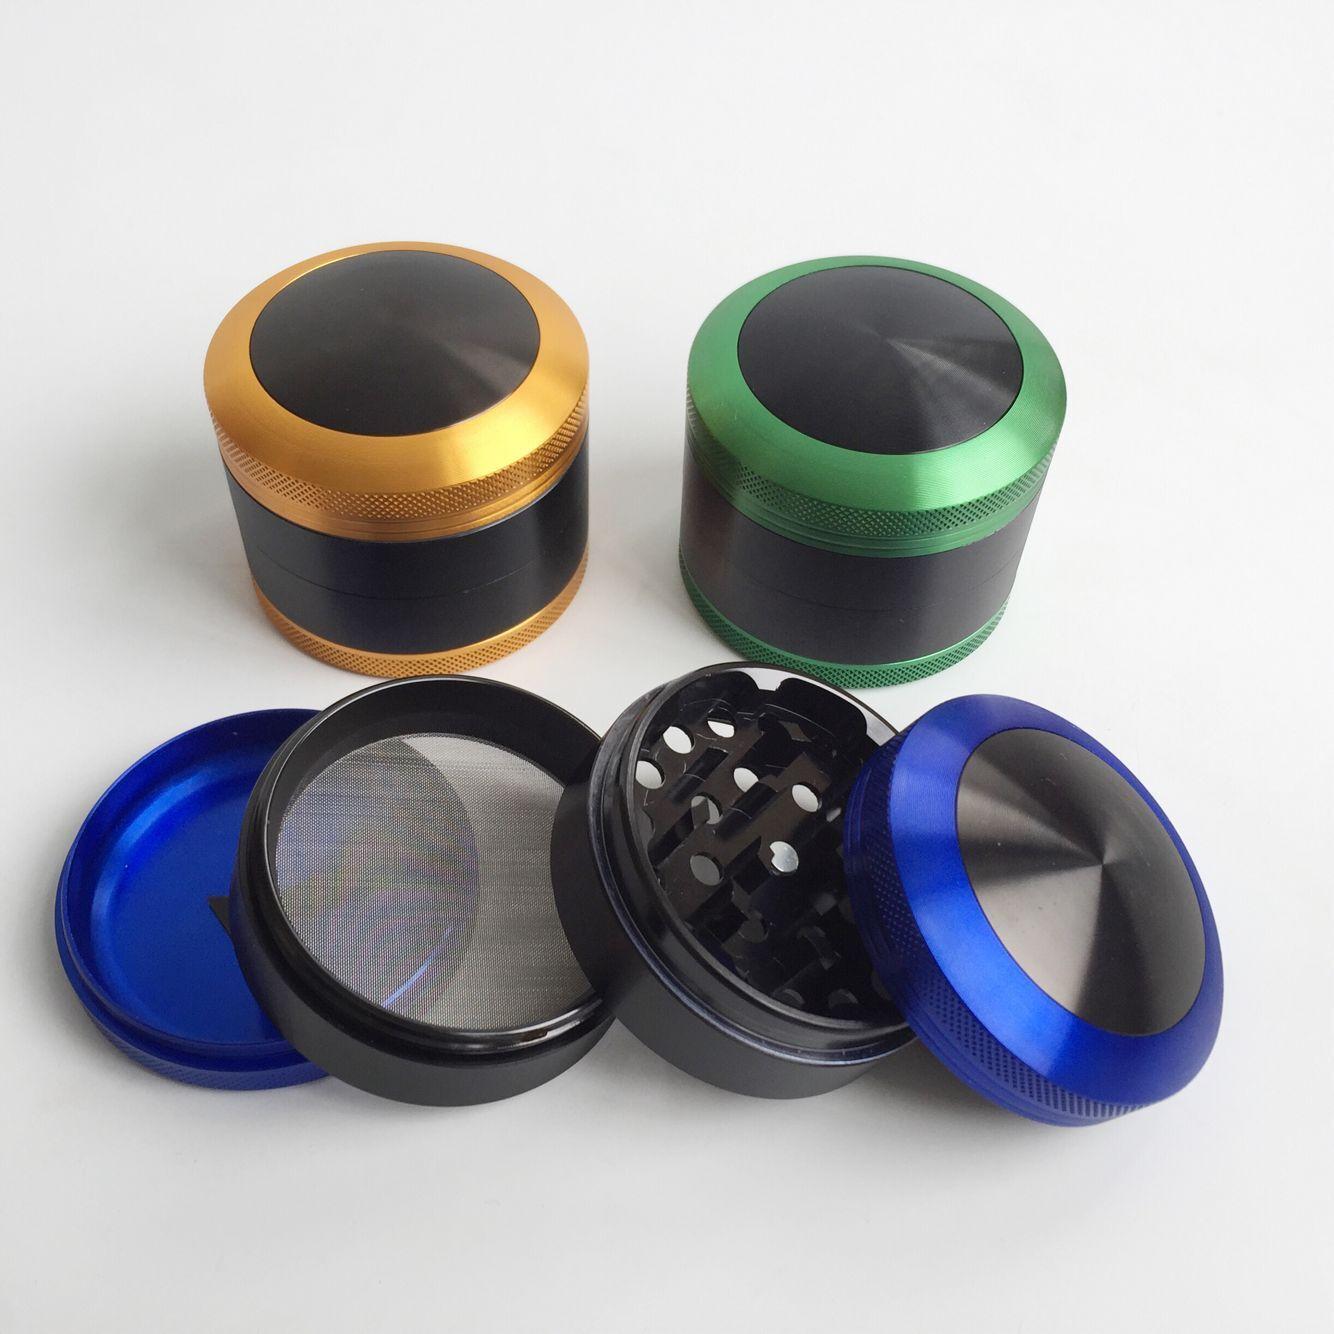 Venta al por mayor 63 mm aleación de aluminio convexo Cap herb grinder 4 capas CNC dientes tabaco amoladora DHL envío gratis